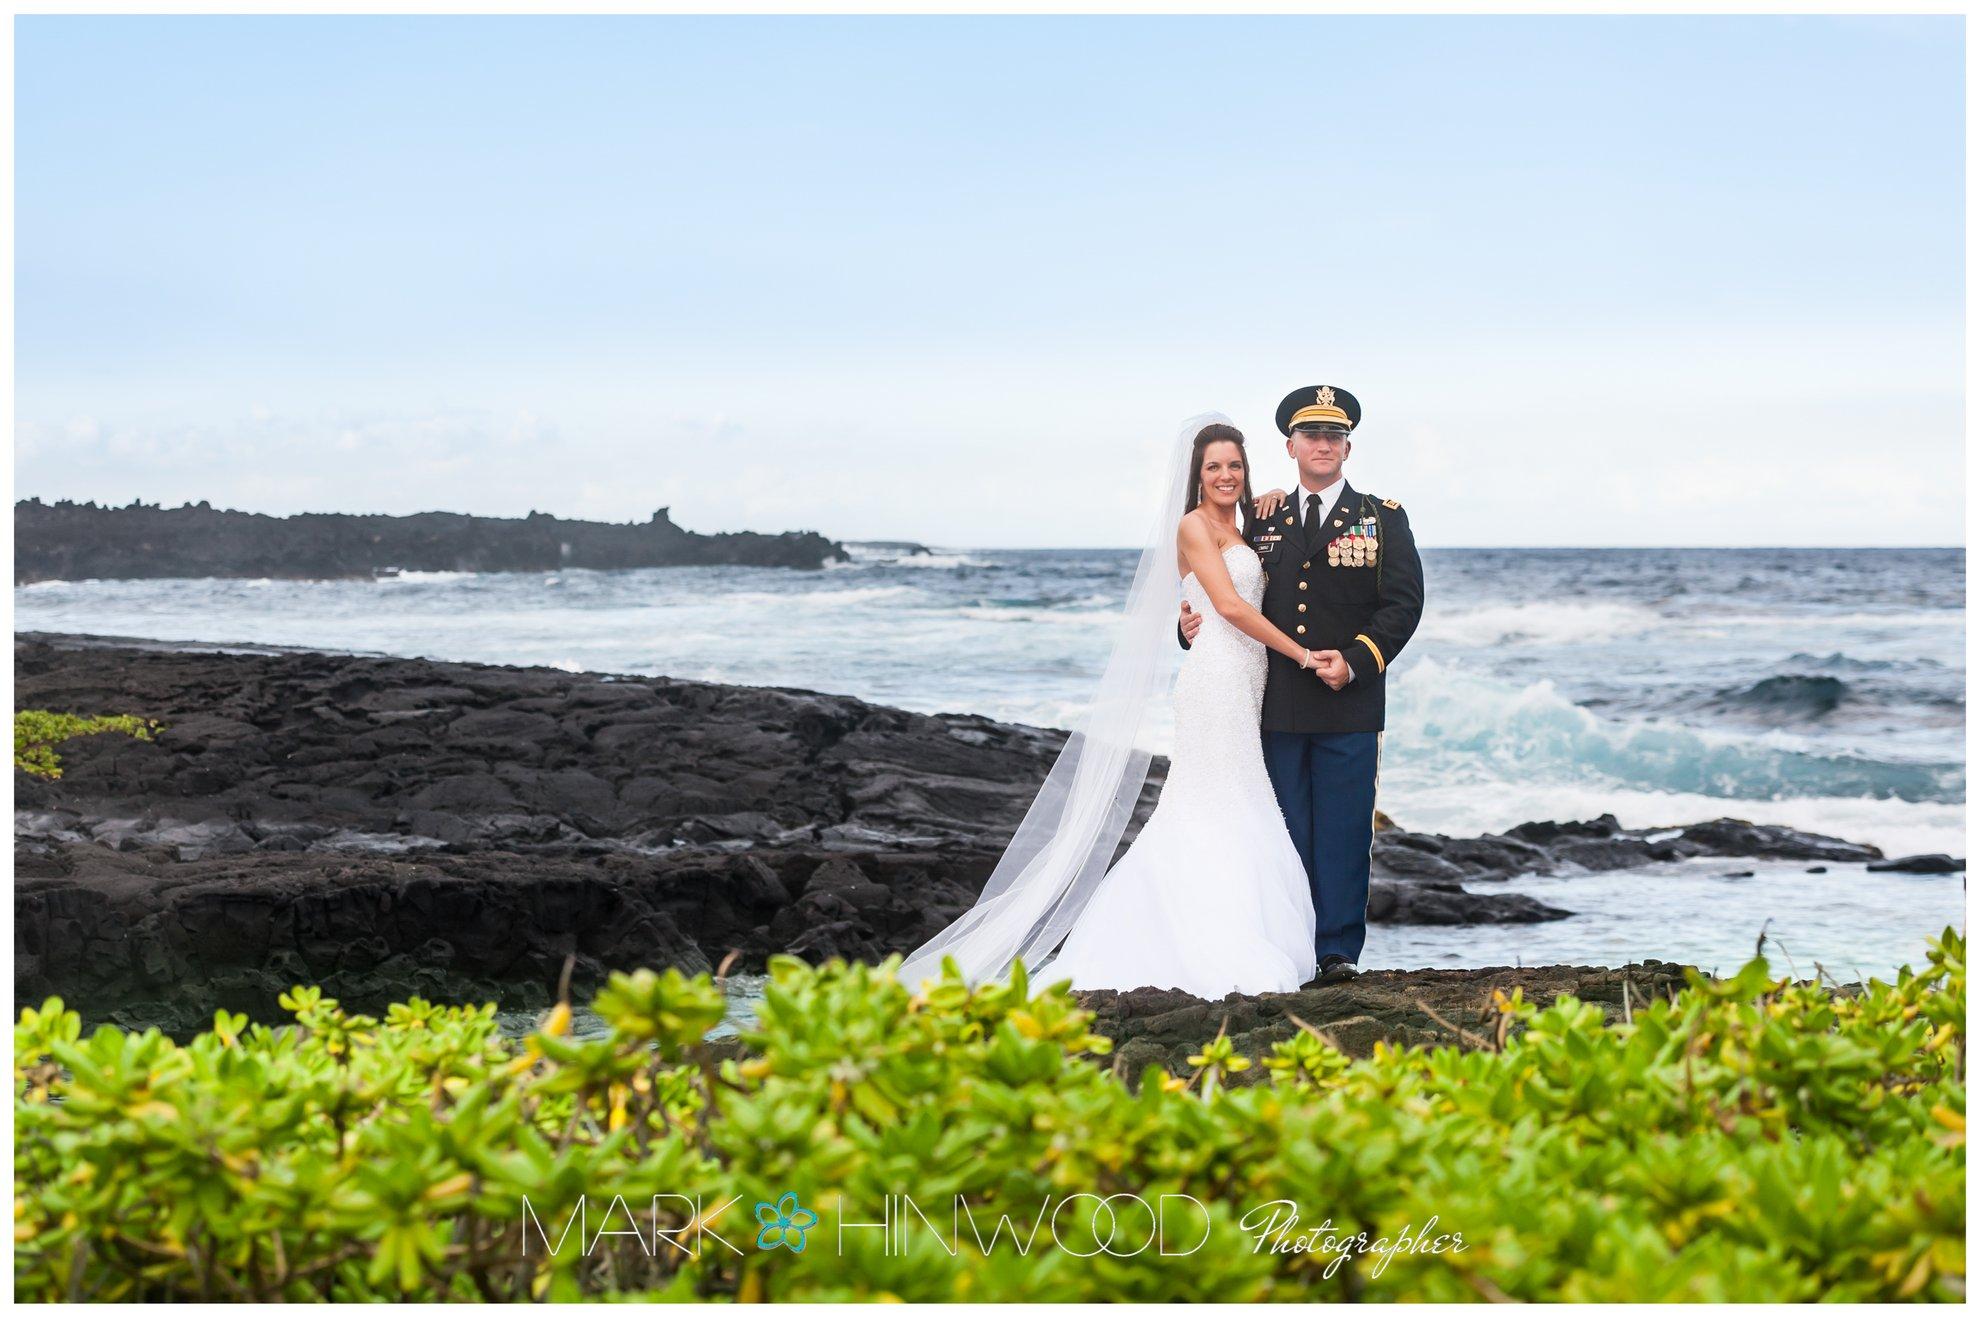 Kailua Kona Engagement photographers 8-2